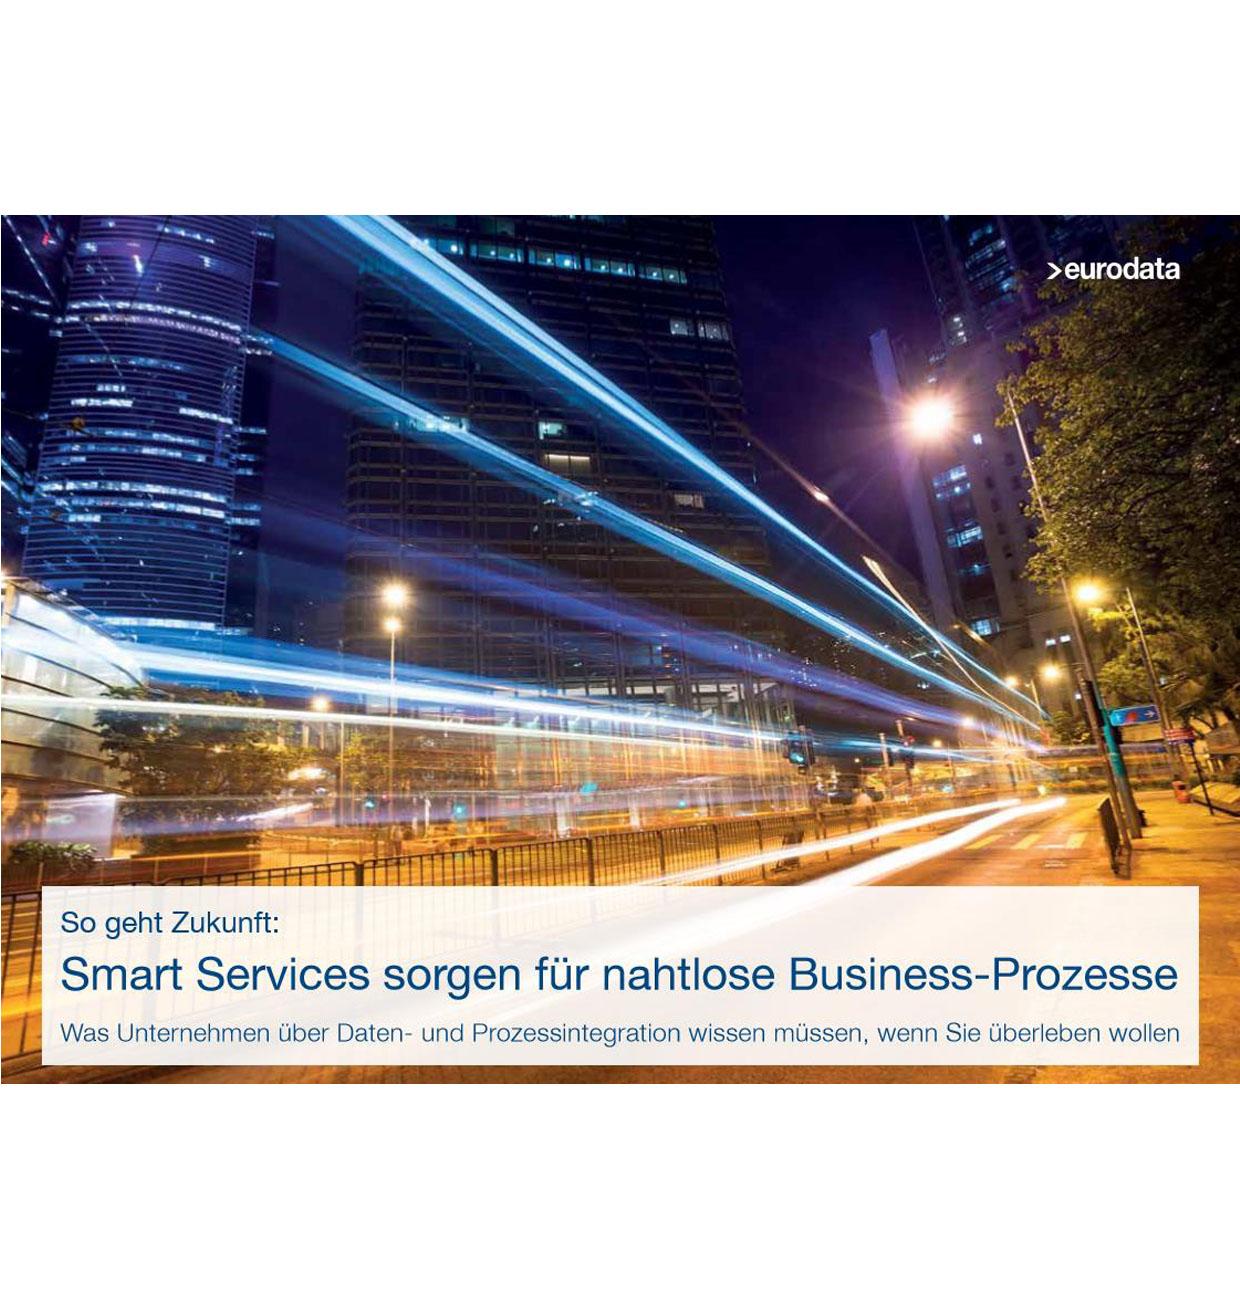 Wege zu zukunftsfähiger Daten- und Prozessintegration in Unternehmen